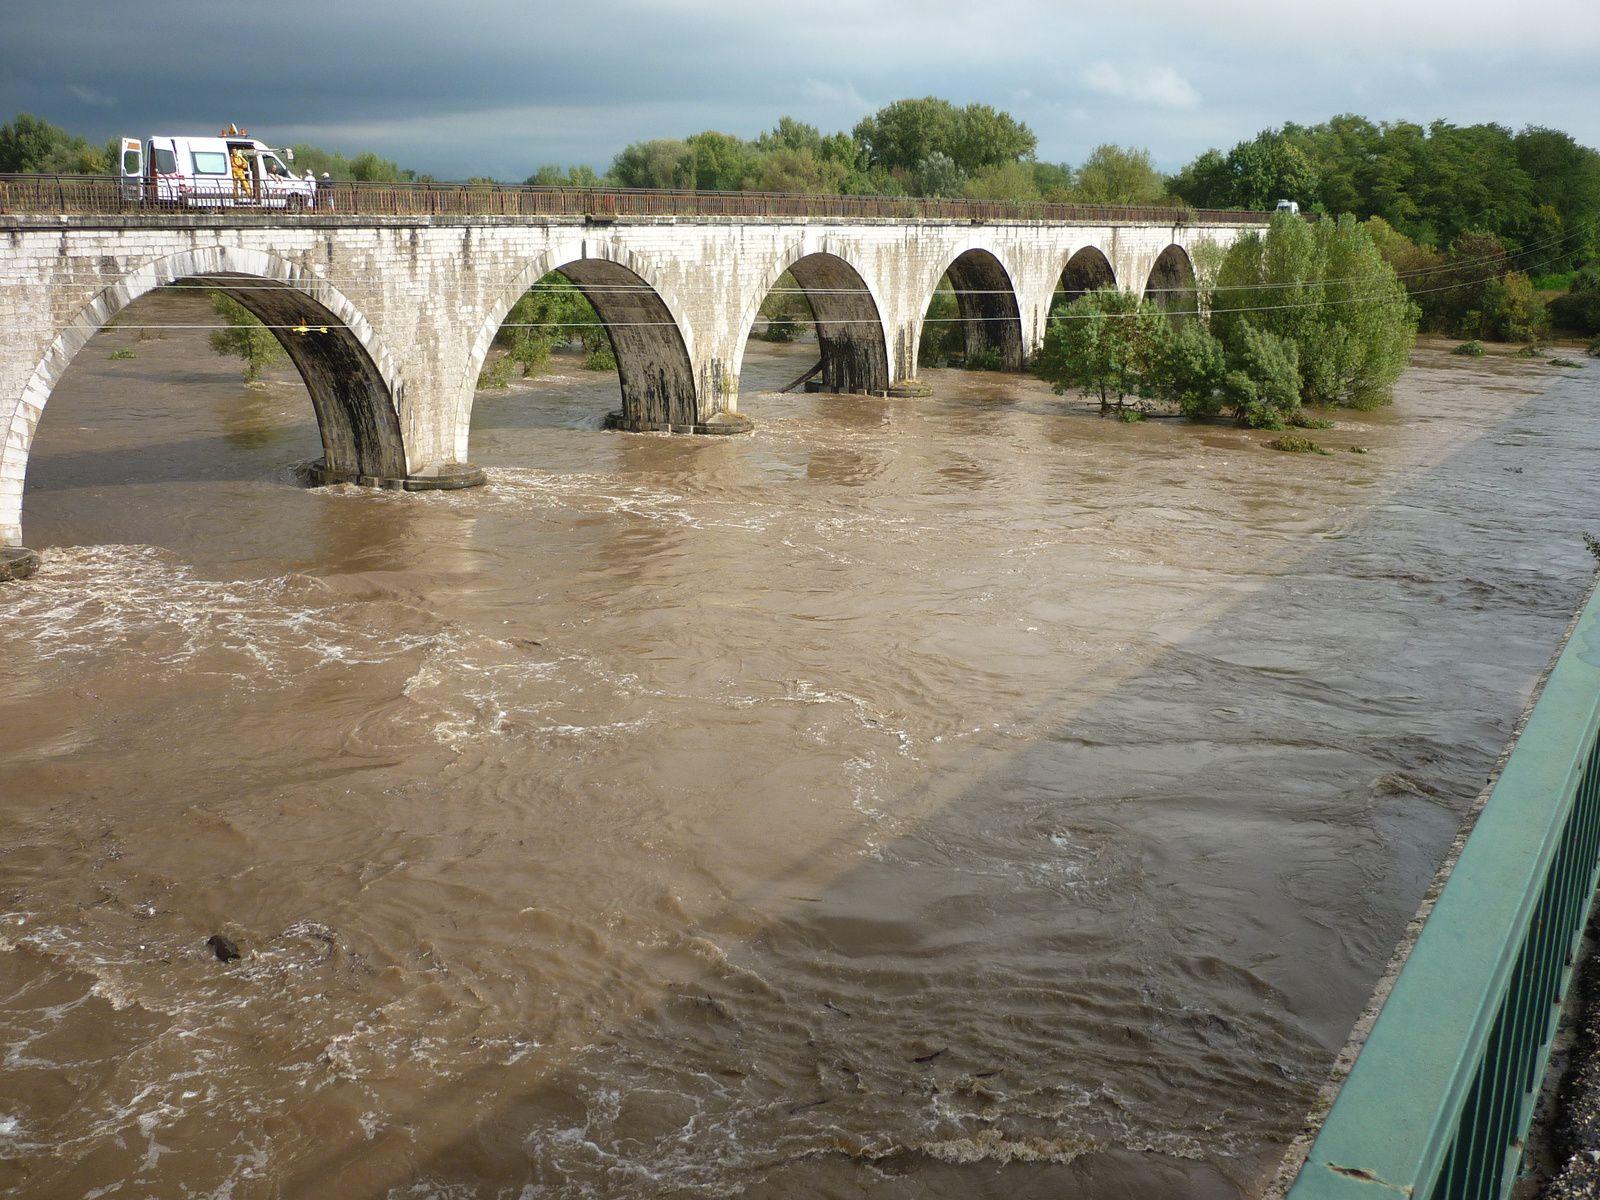 ici l'ancien pont du chemin de fer où justement des spécialistes calculaient la hauteur de la crue (environ 6m) car normalement, les 2e,3e et 4e pieds en partant de la gauche sont dans l'eau, le reste n'est que cailloux, arbres et herbes